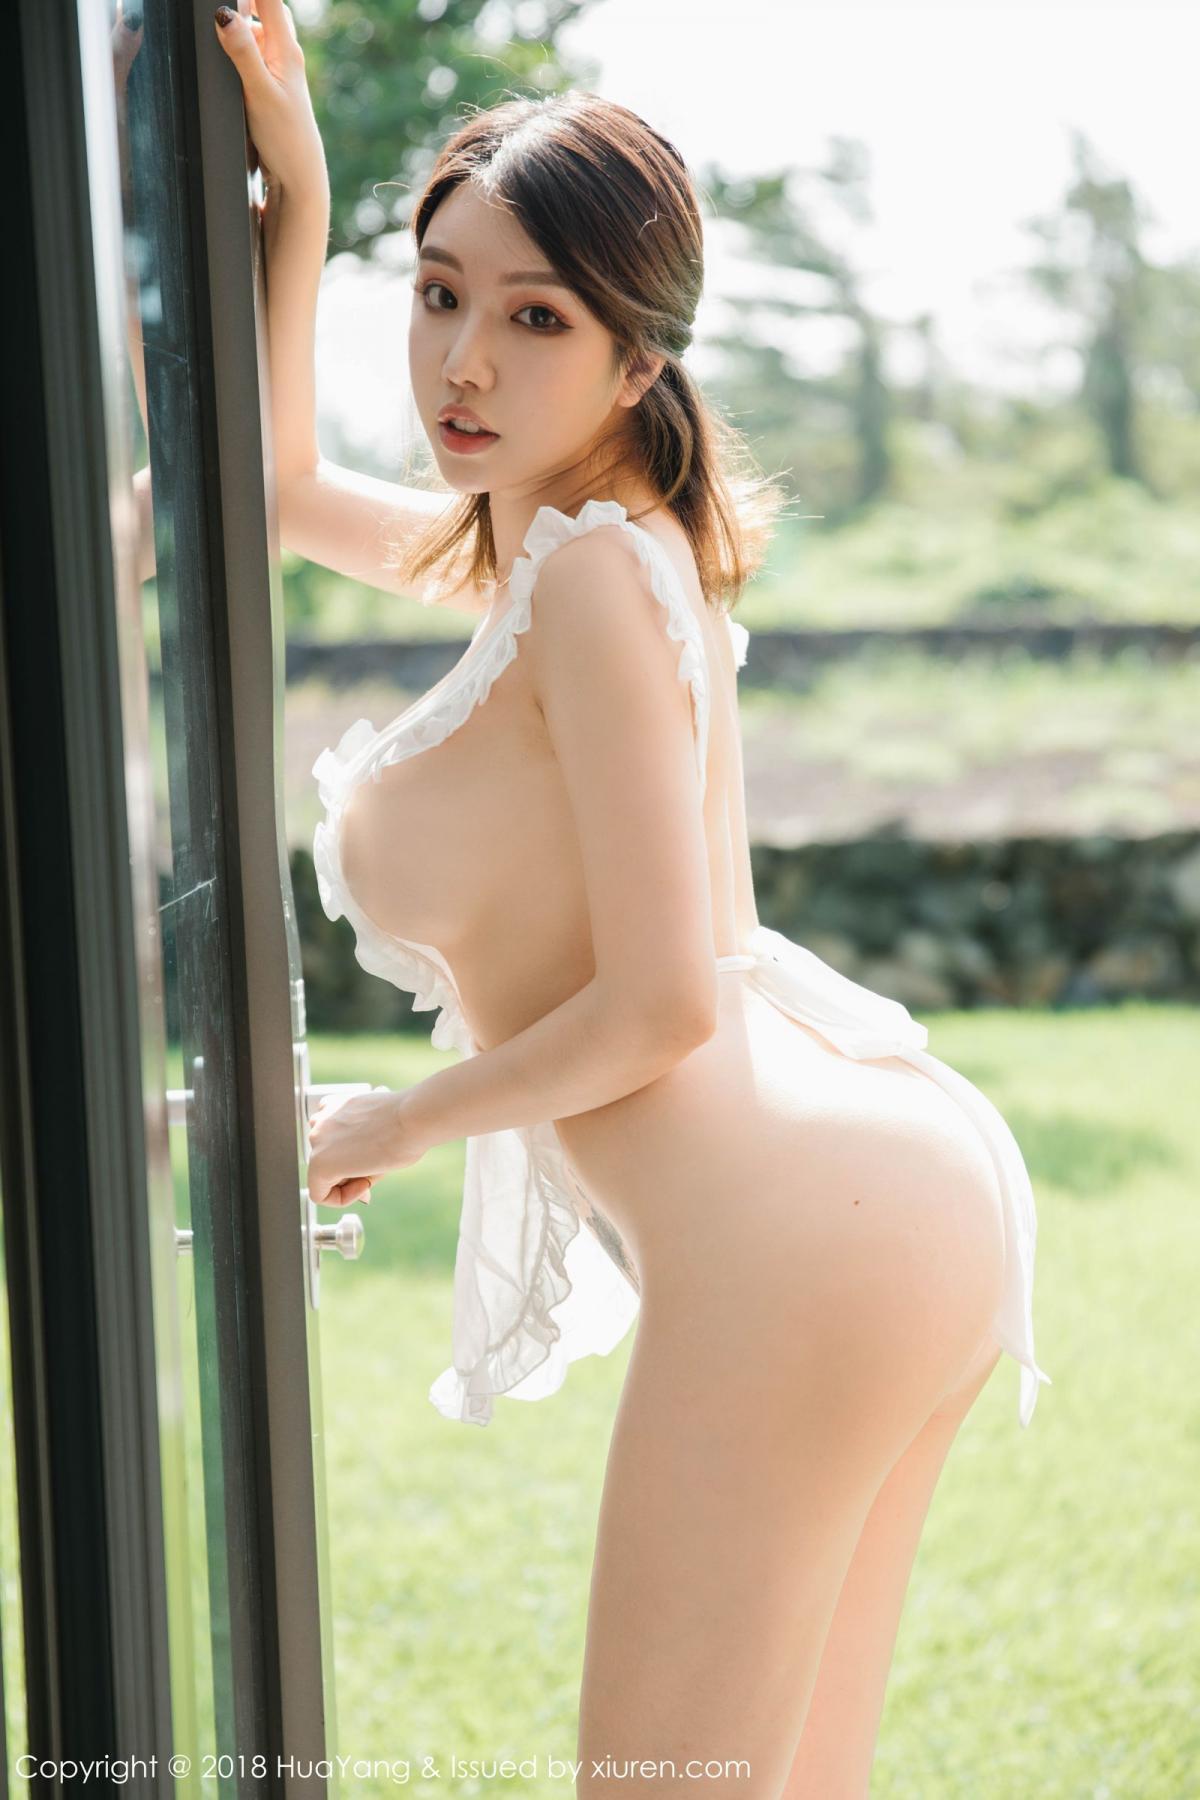 [Huayang] Vol.082 Huang Le Ran 6P, Adult, Huang Le Ran, HuaYang, Maid